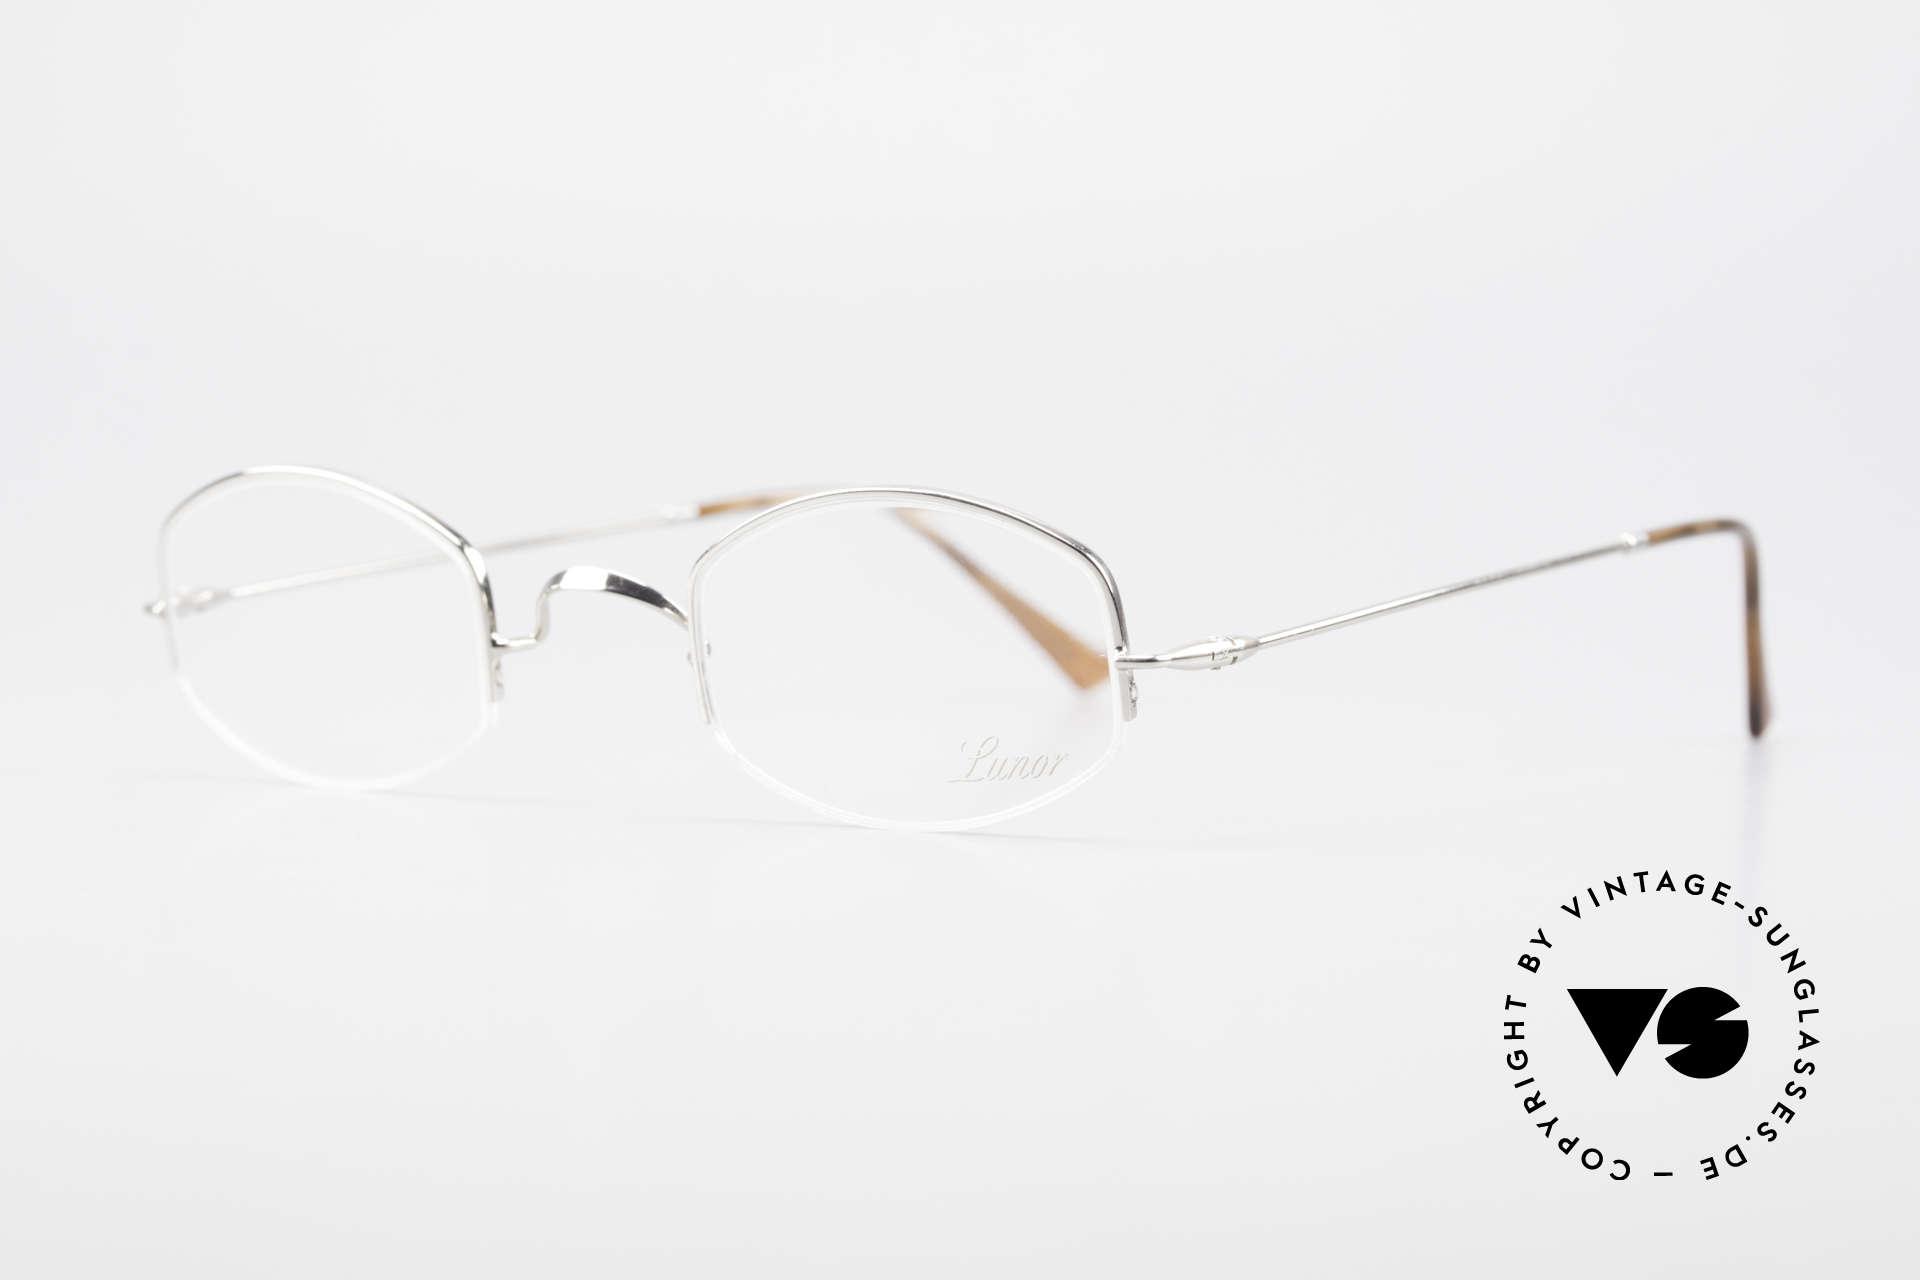 Lunor Classic Halb Randlose Vintage Brille, Brillendesign in Anlehnung an frühere Jahrhunderte, Passend für Herren und Damen